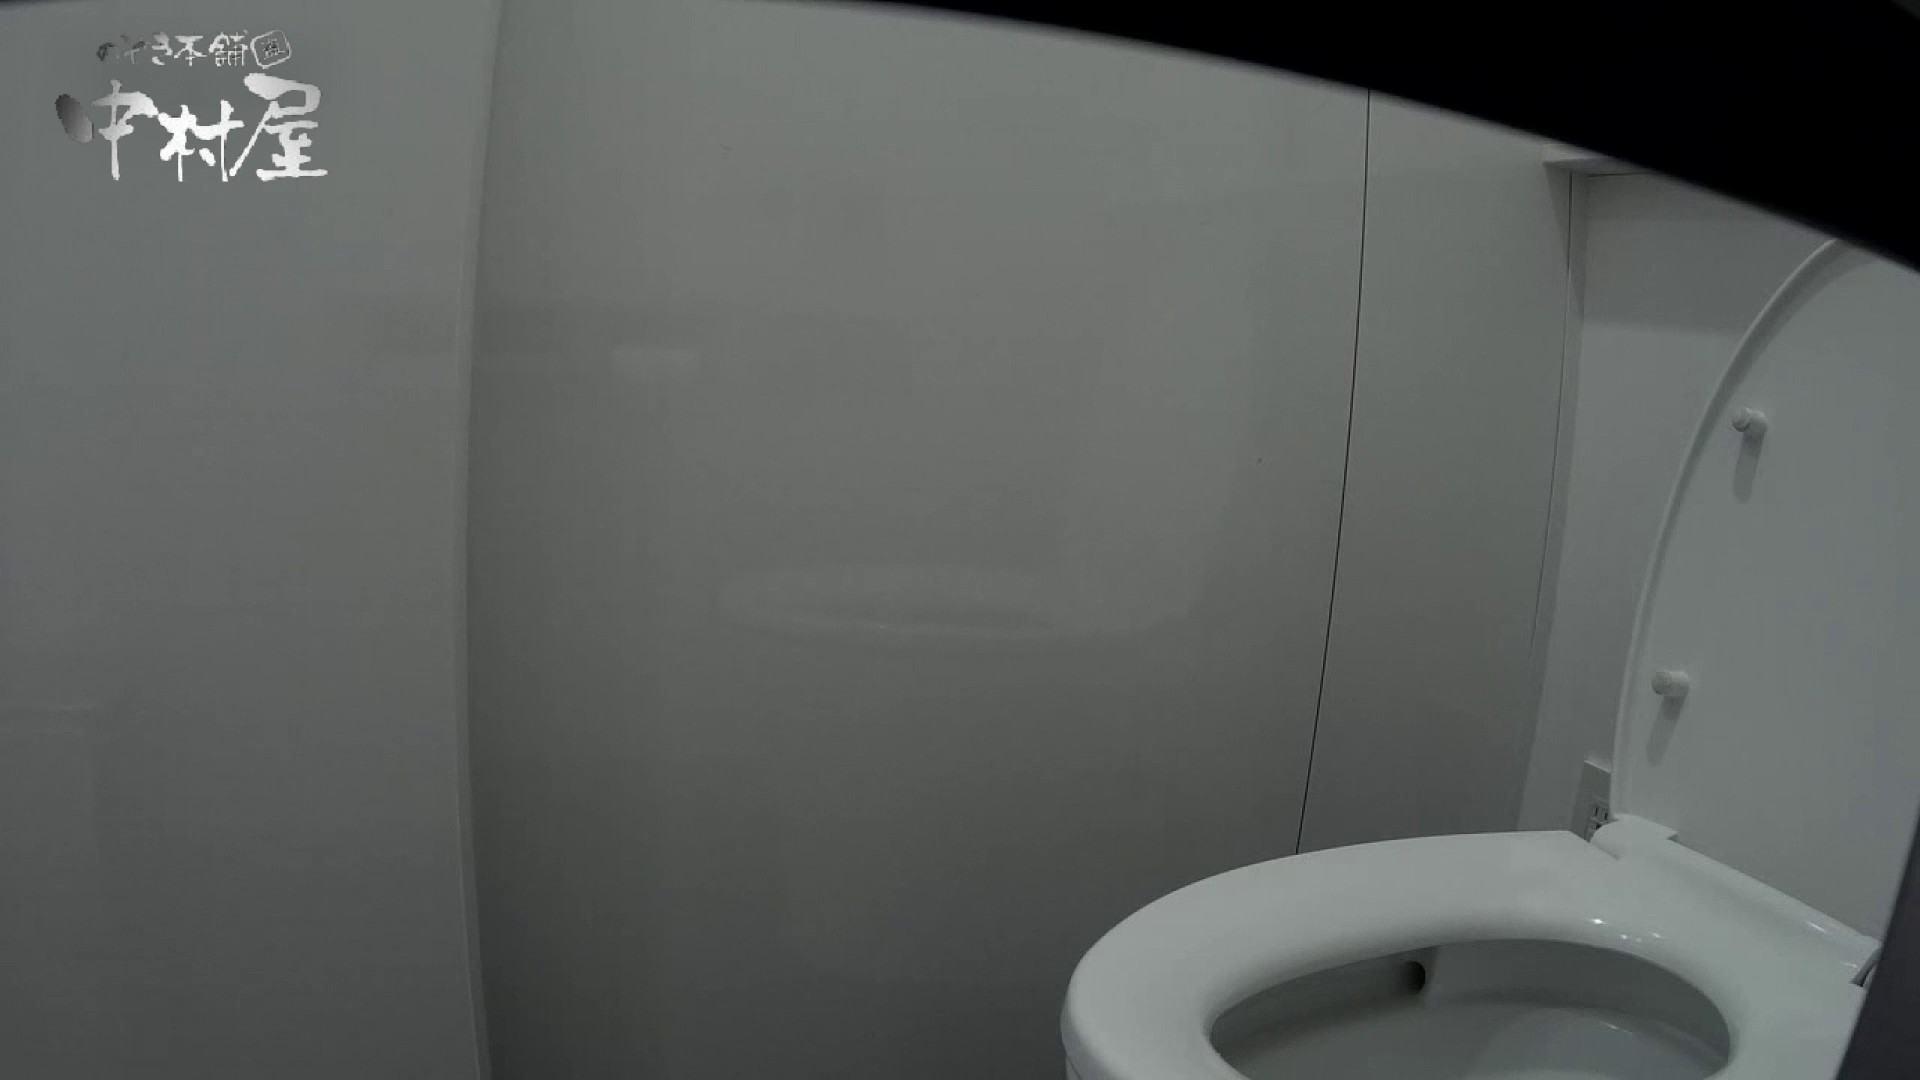 有名大学女性洗面所 vol.57 S級美女マルチアングル撮り!! 0 | 0  19連発 1